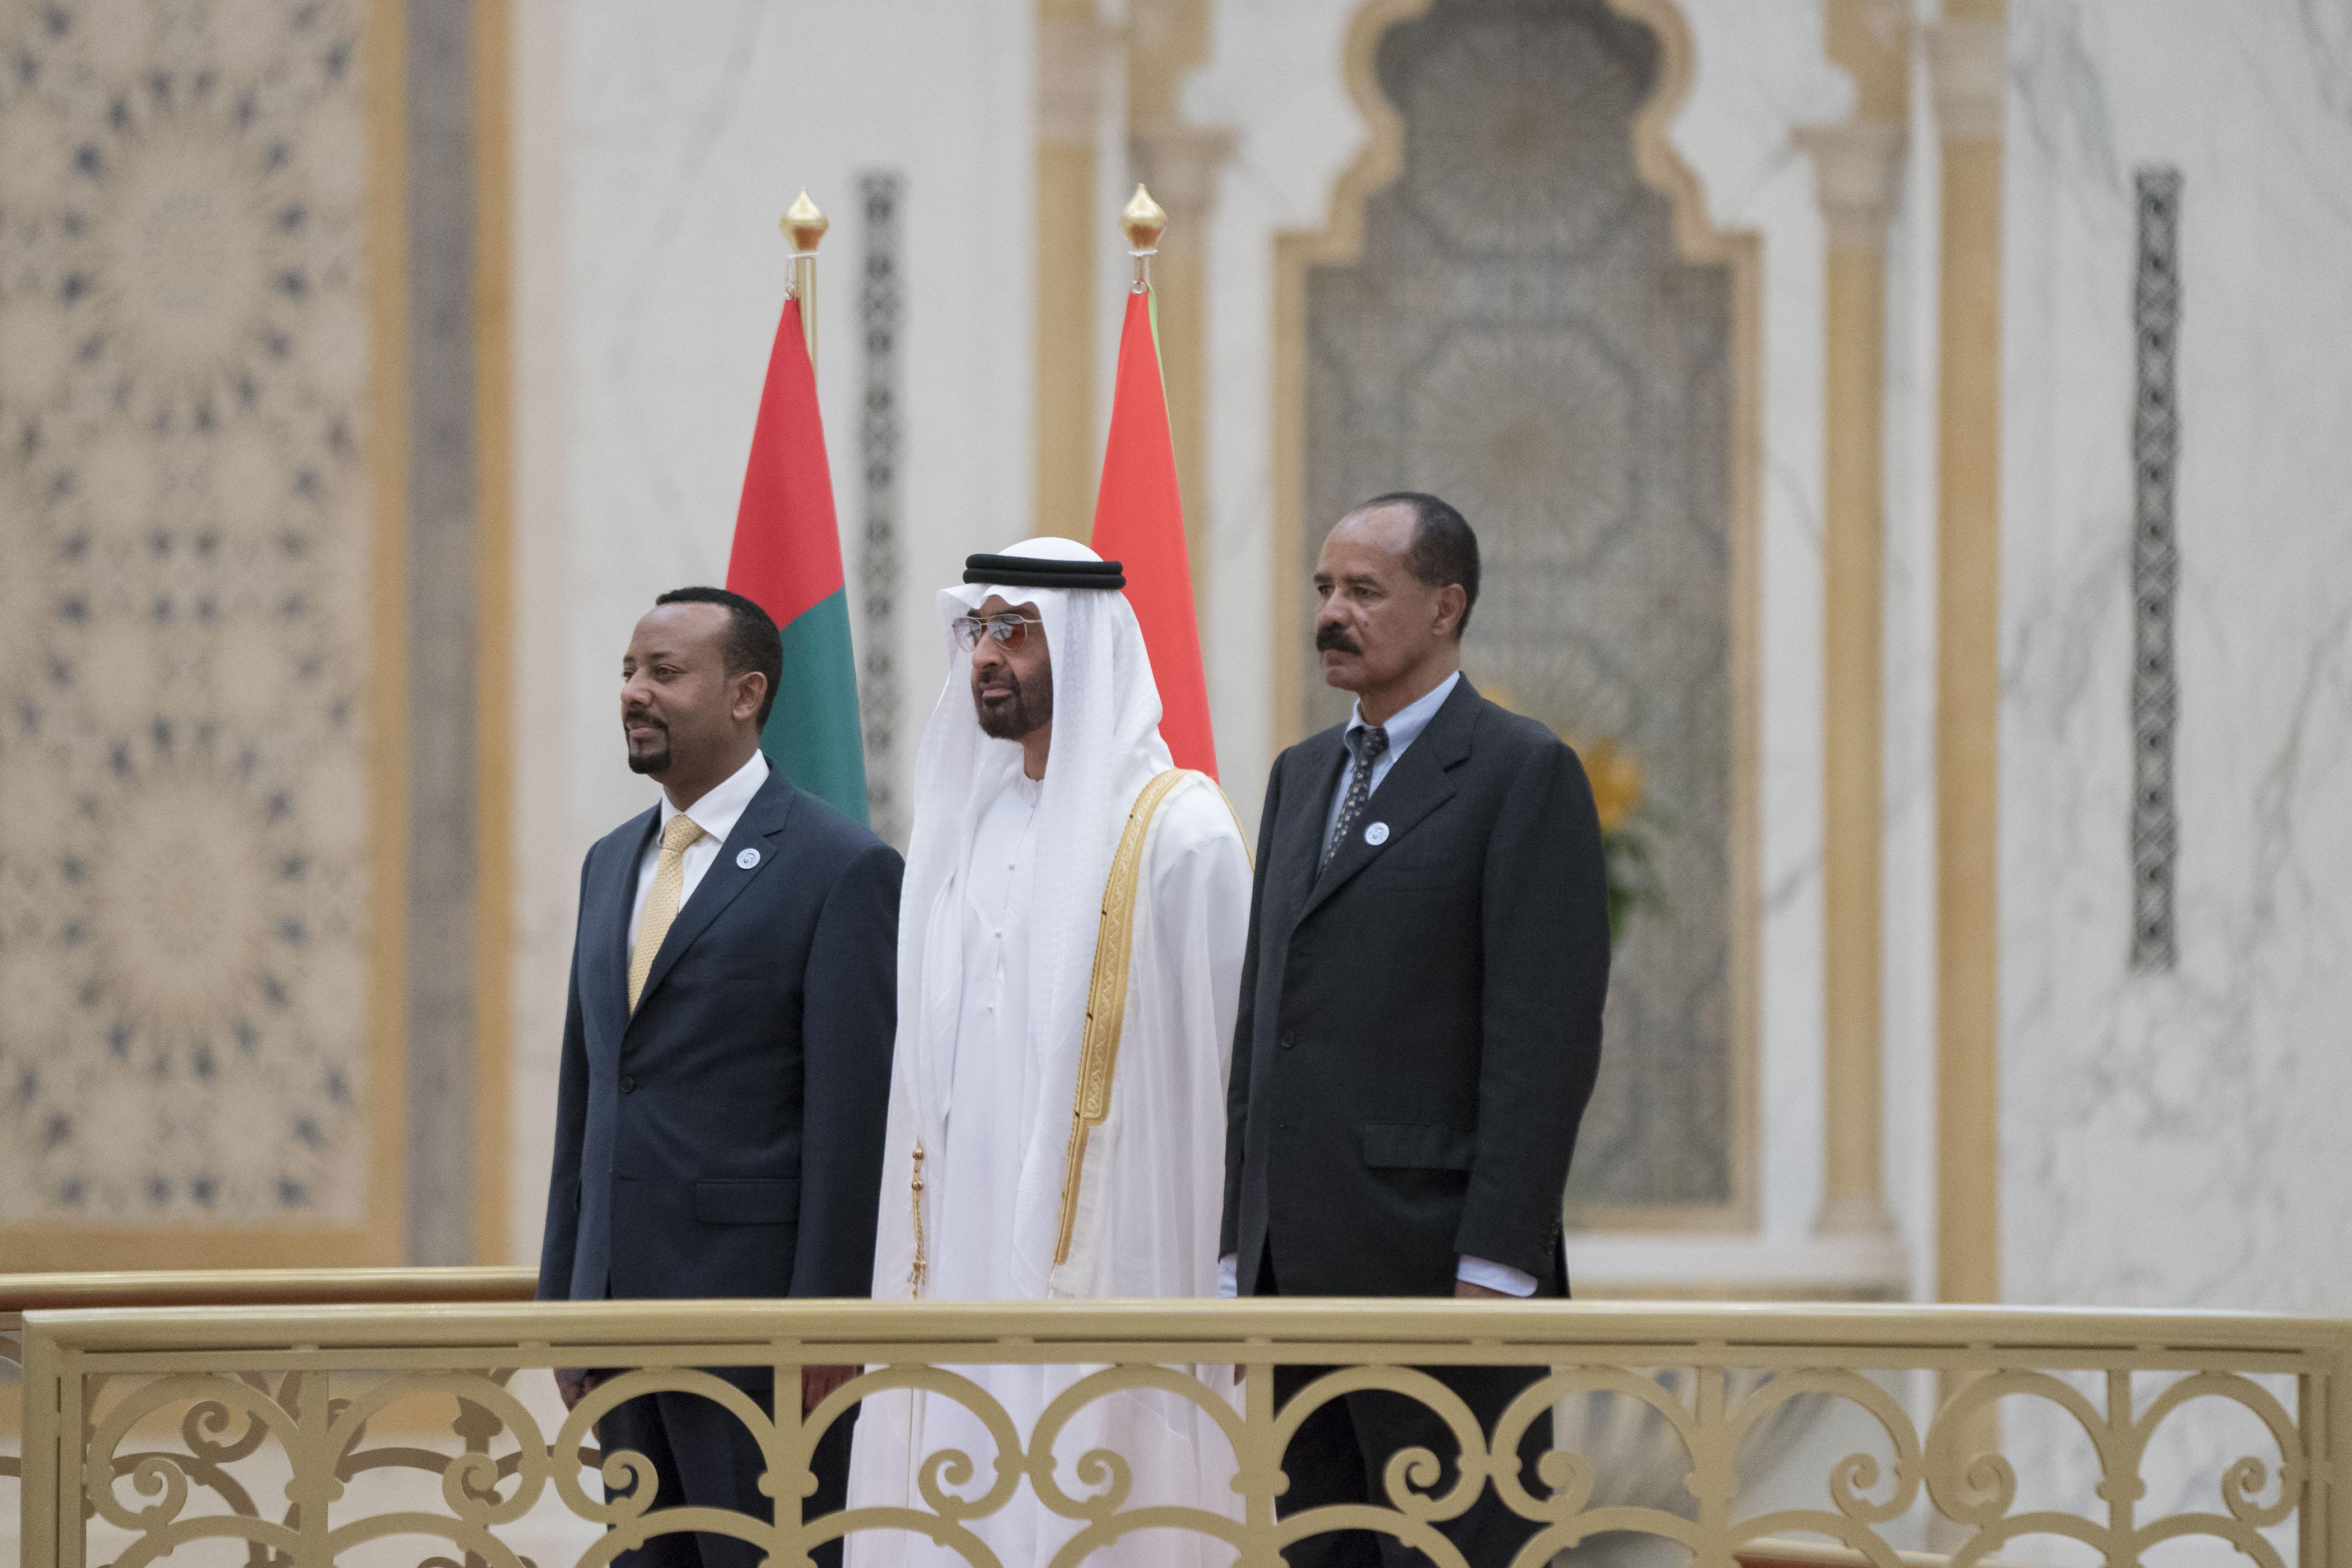 """رئيس الدولة يمنح رئيس إريتريا ورئيس وزراء أثيوبيا """" وسام زايد """" تقديراً لجهودهما في إطلاق مسيرة السلام بين بلديهما 1"""